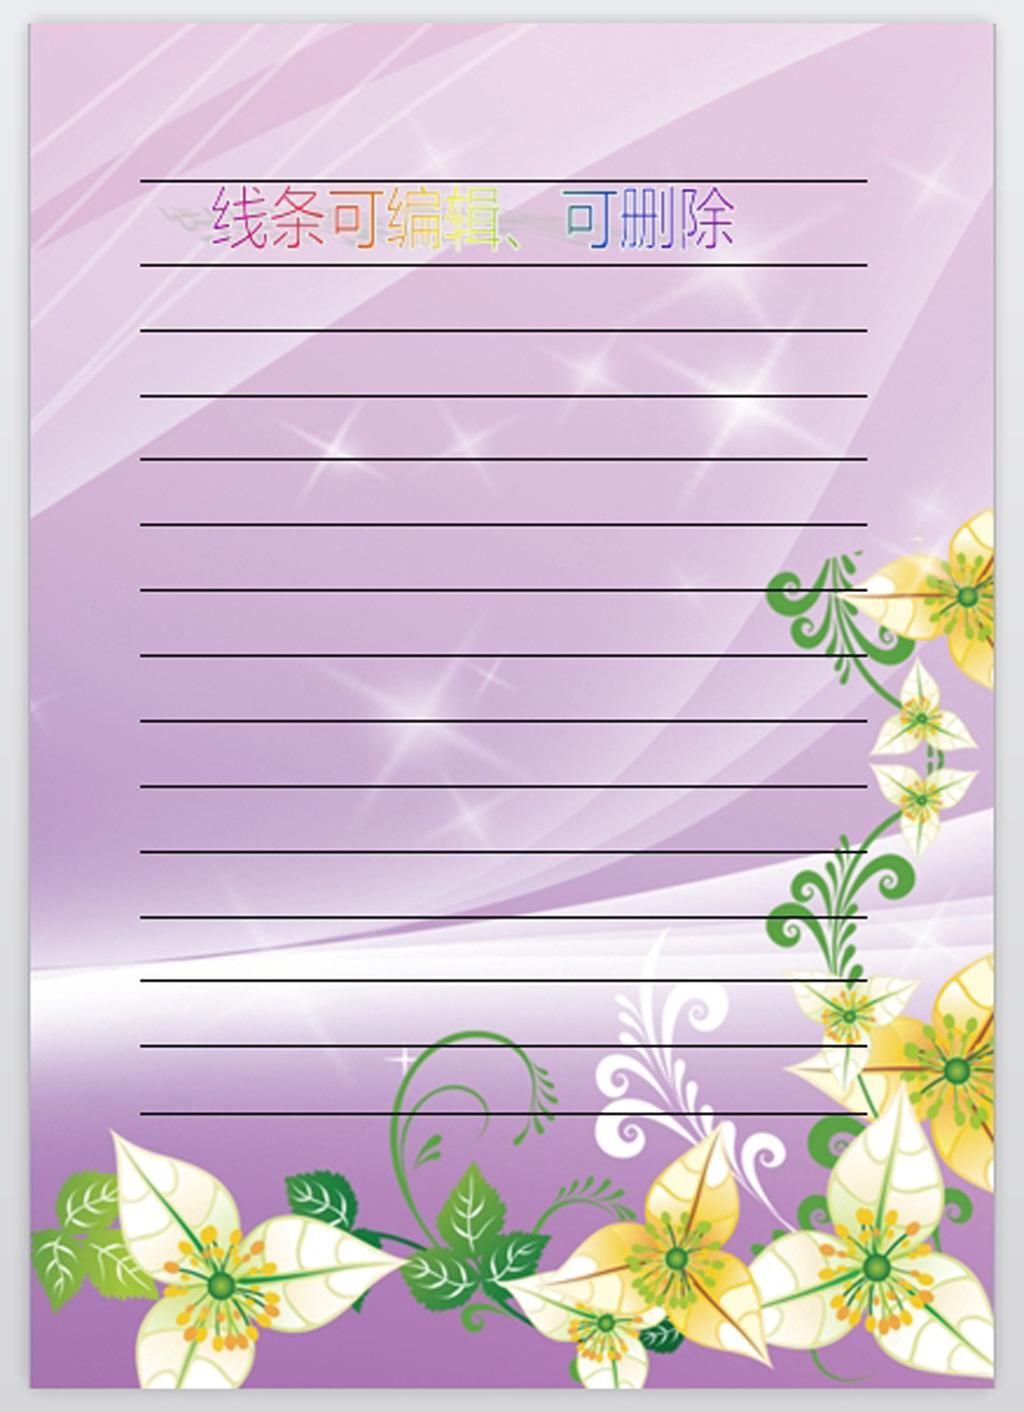 百合花信纸背景图片